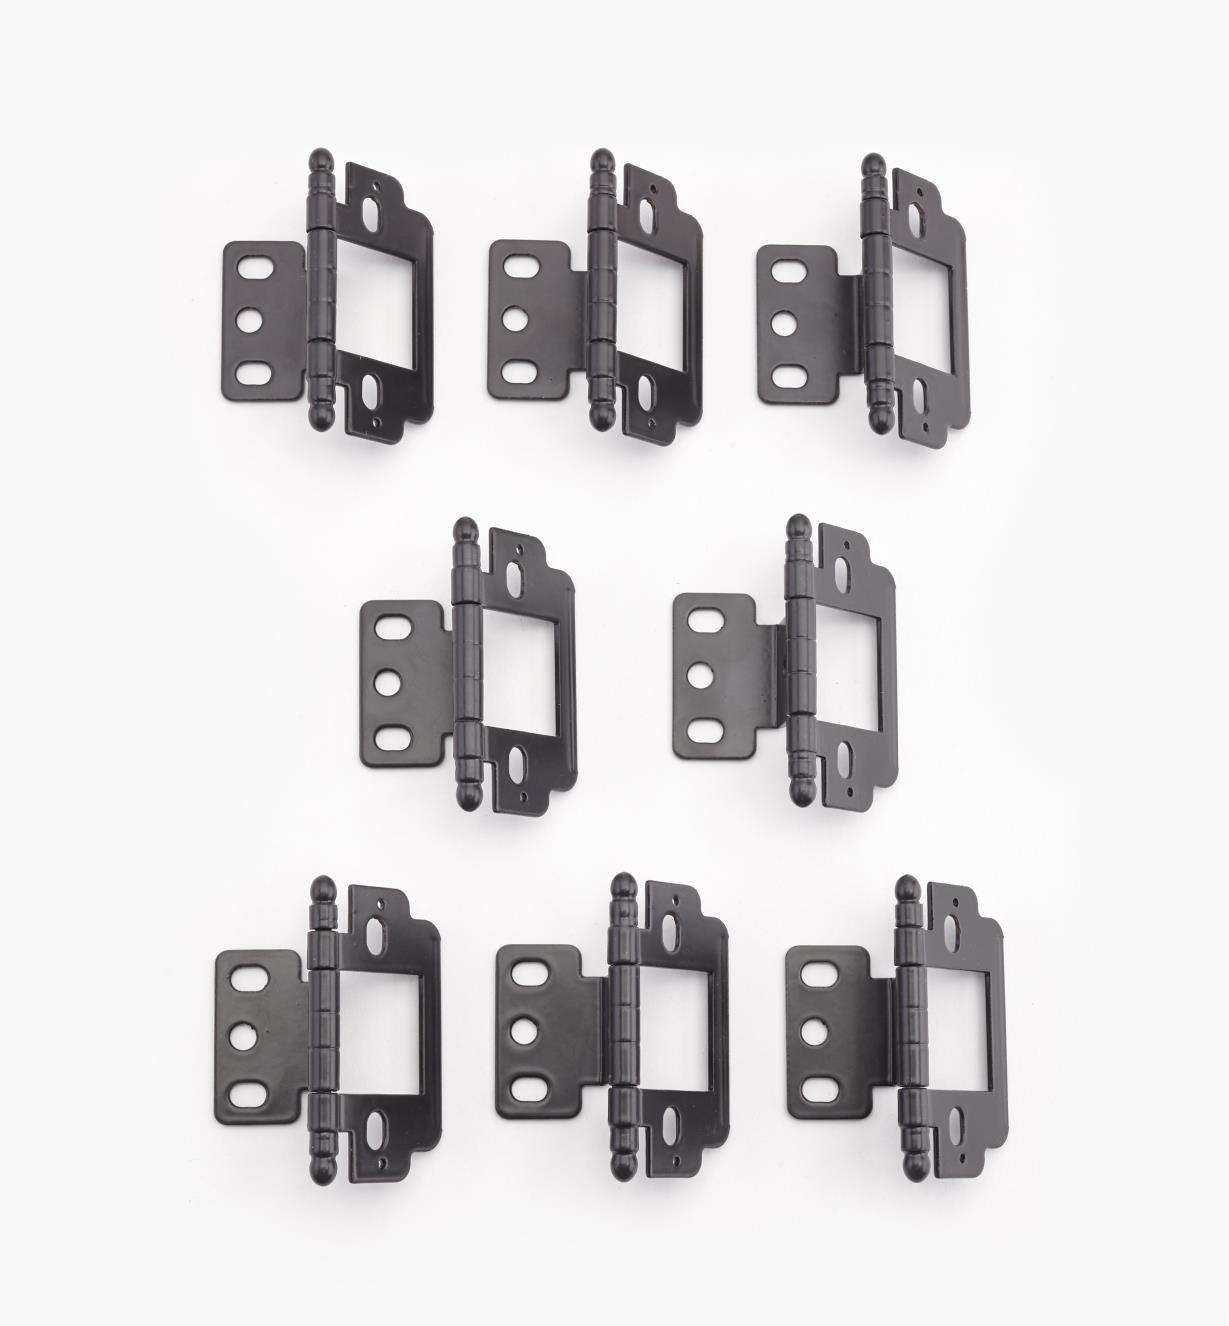 01H3165 - Charnières pour porte encastrée, meuble sans cadre, embouts ronds, noir, lelotde8